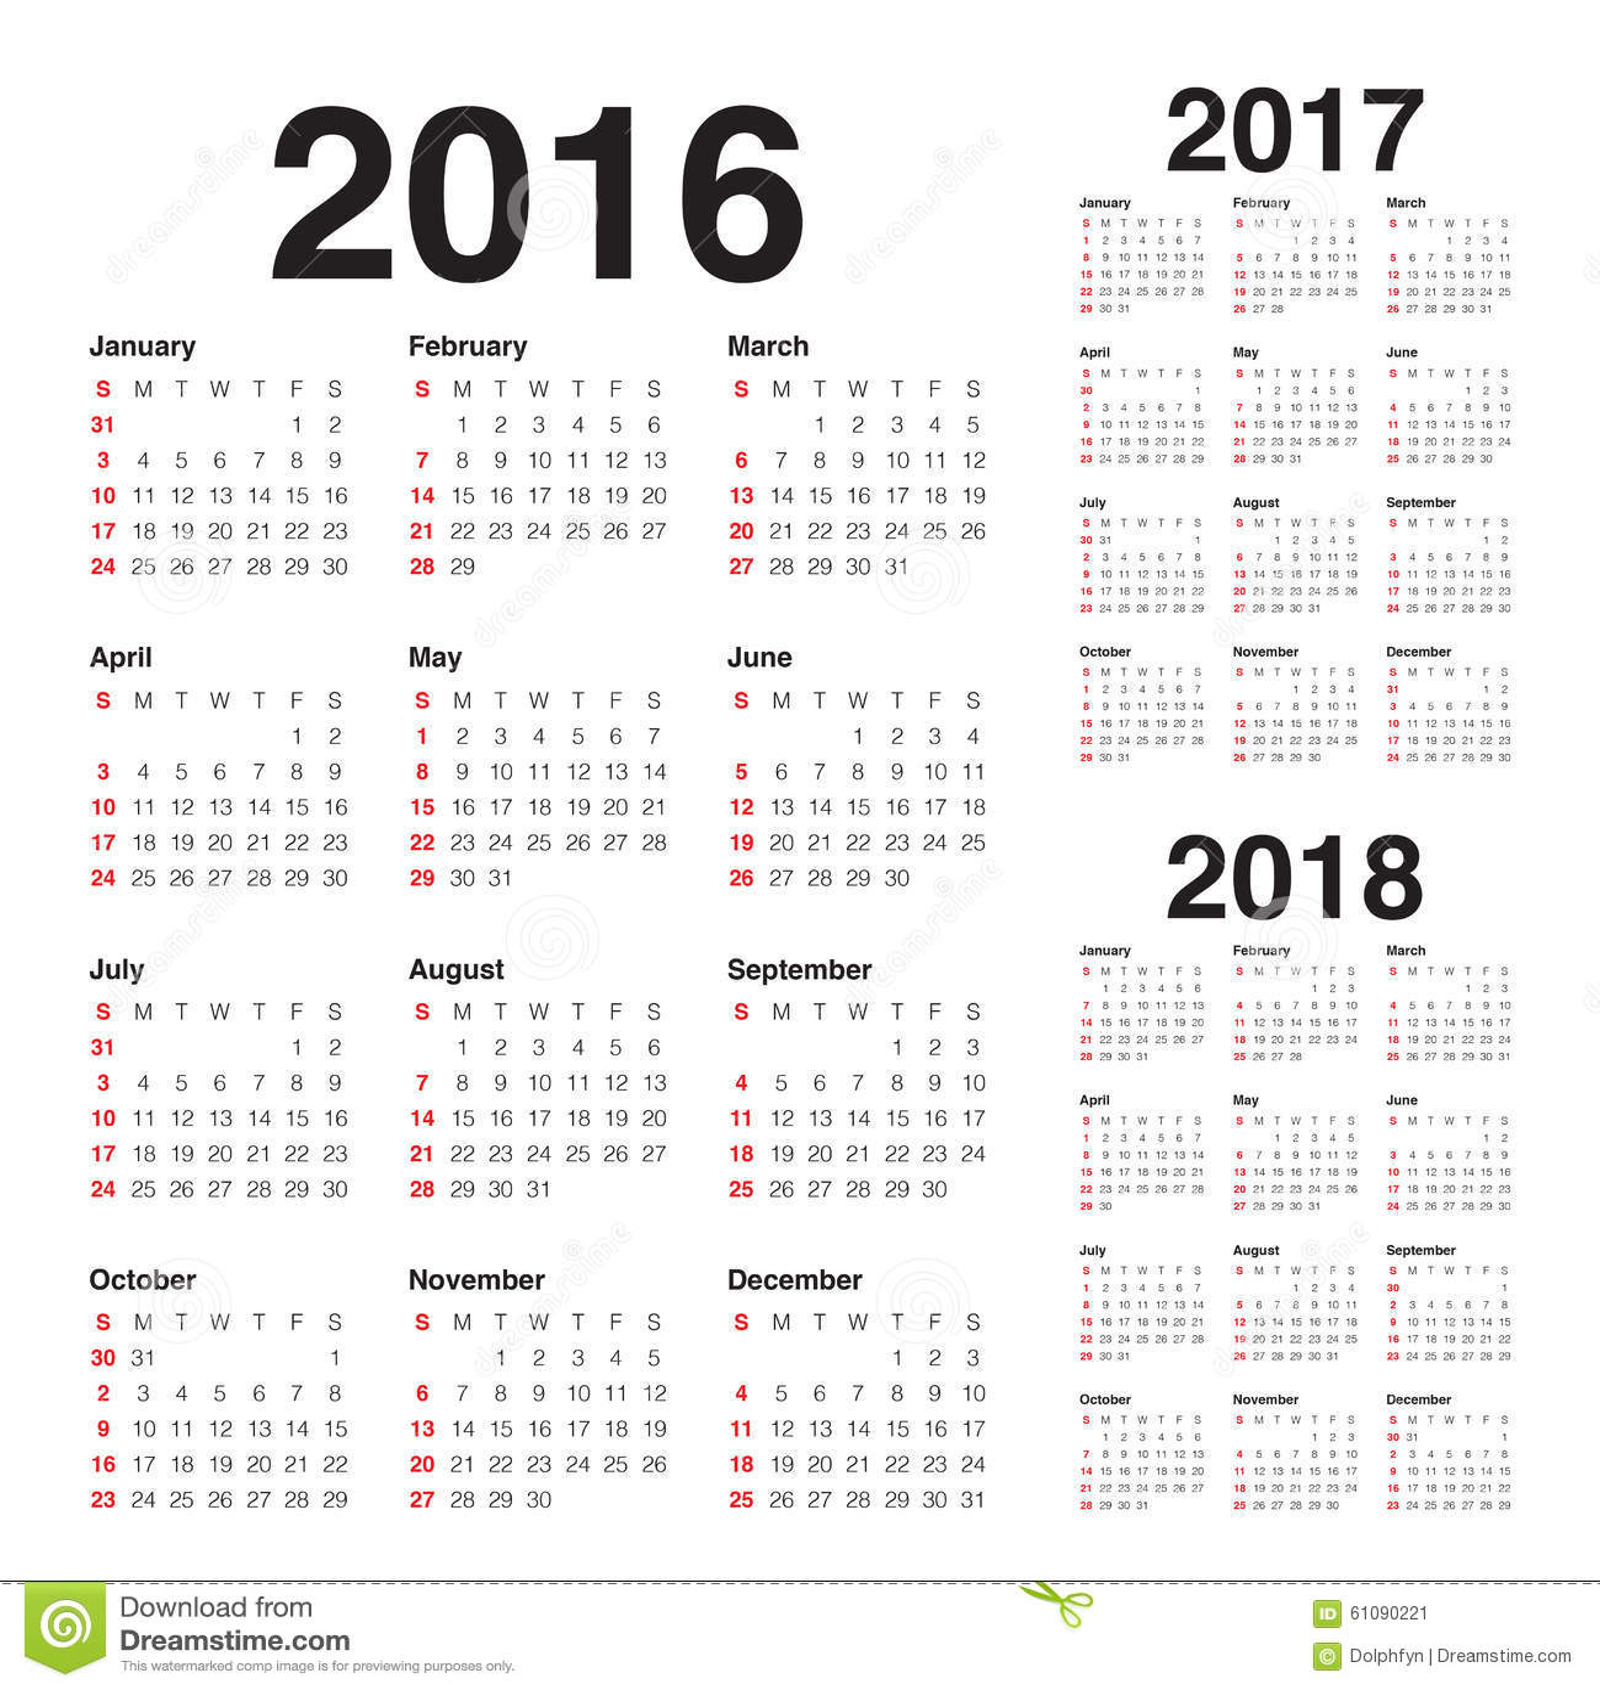 简单的日历在2016 2017 2018年.图片